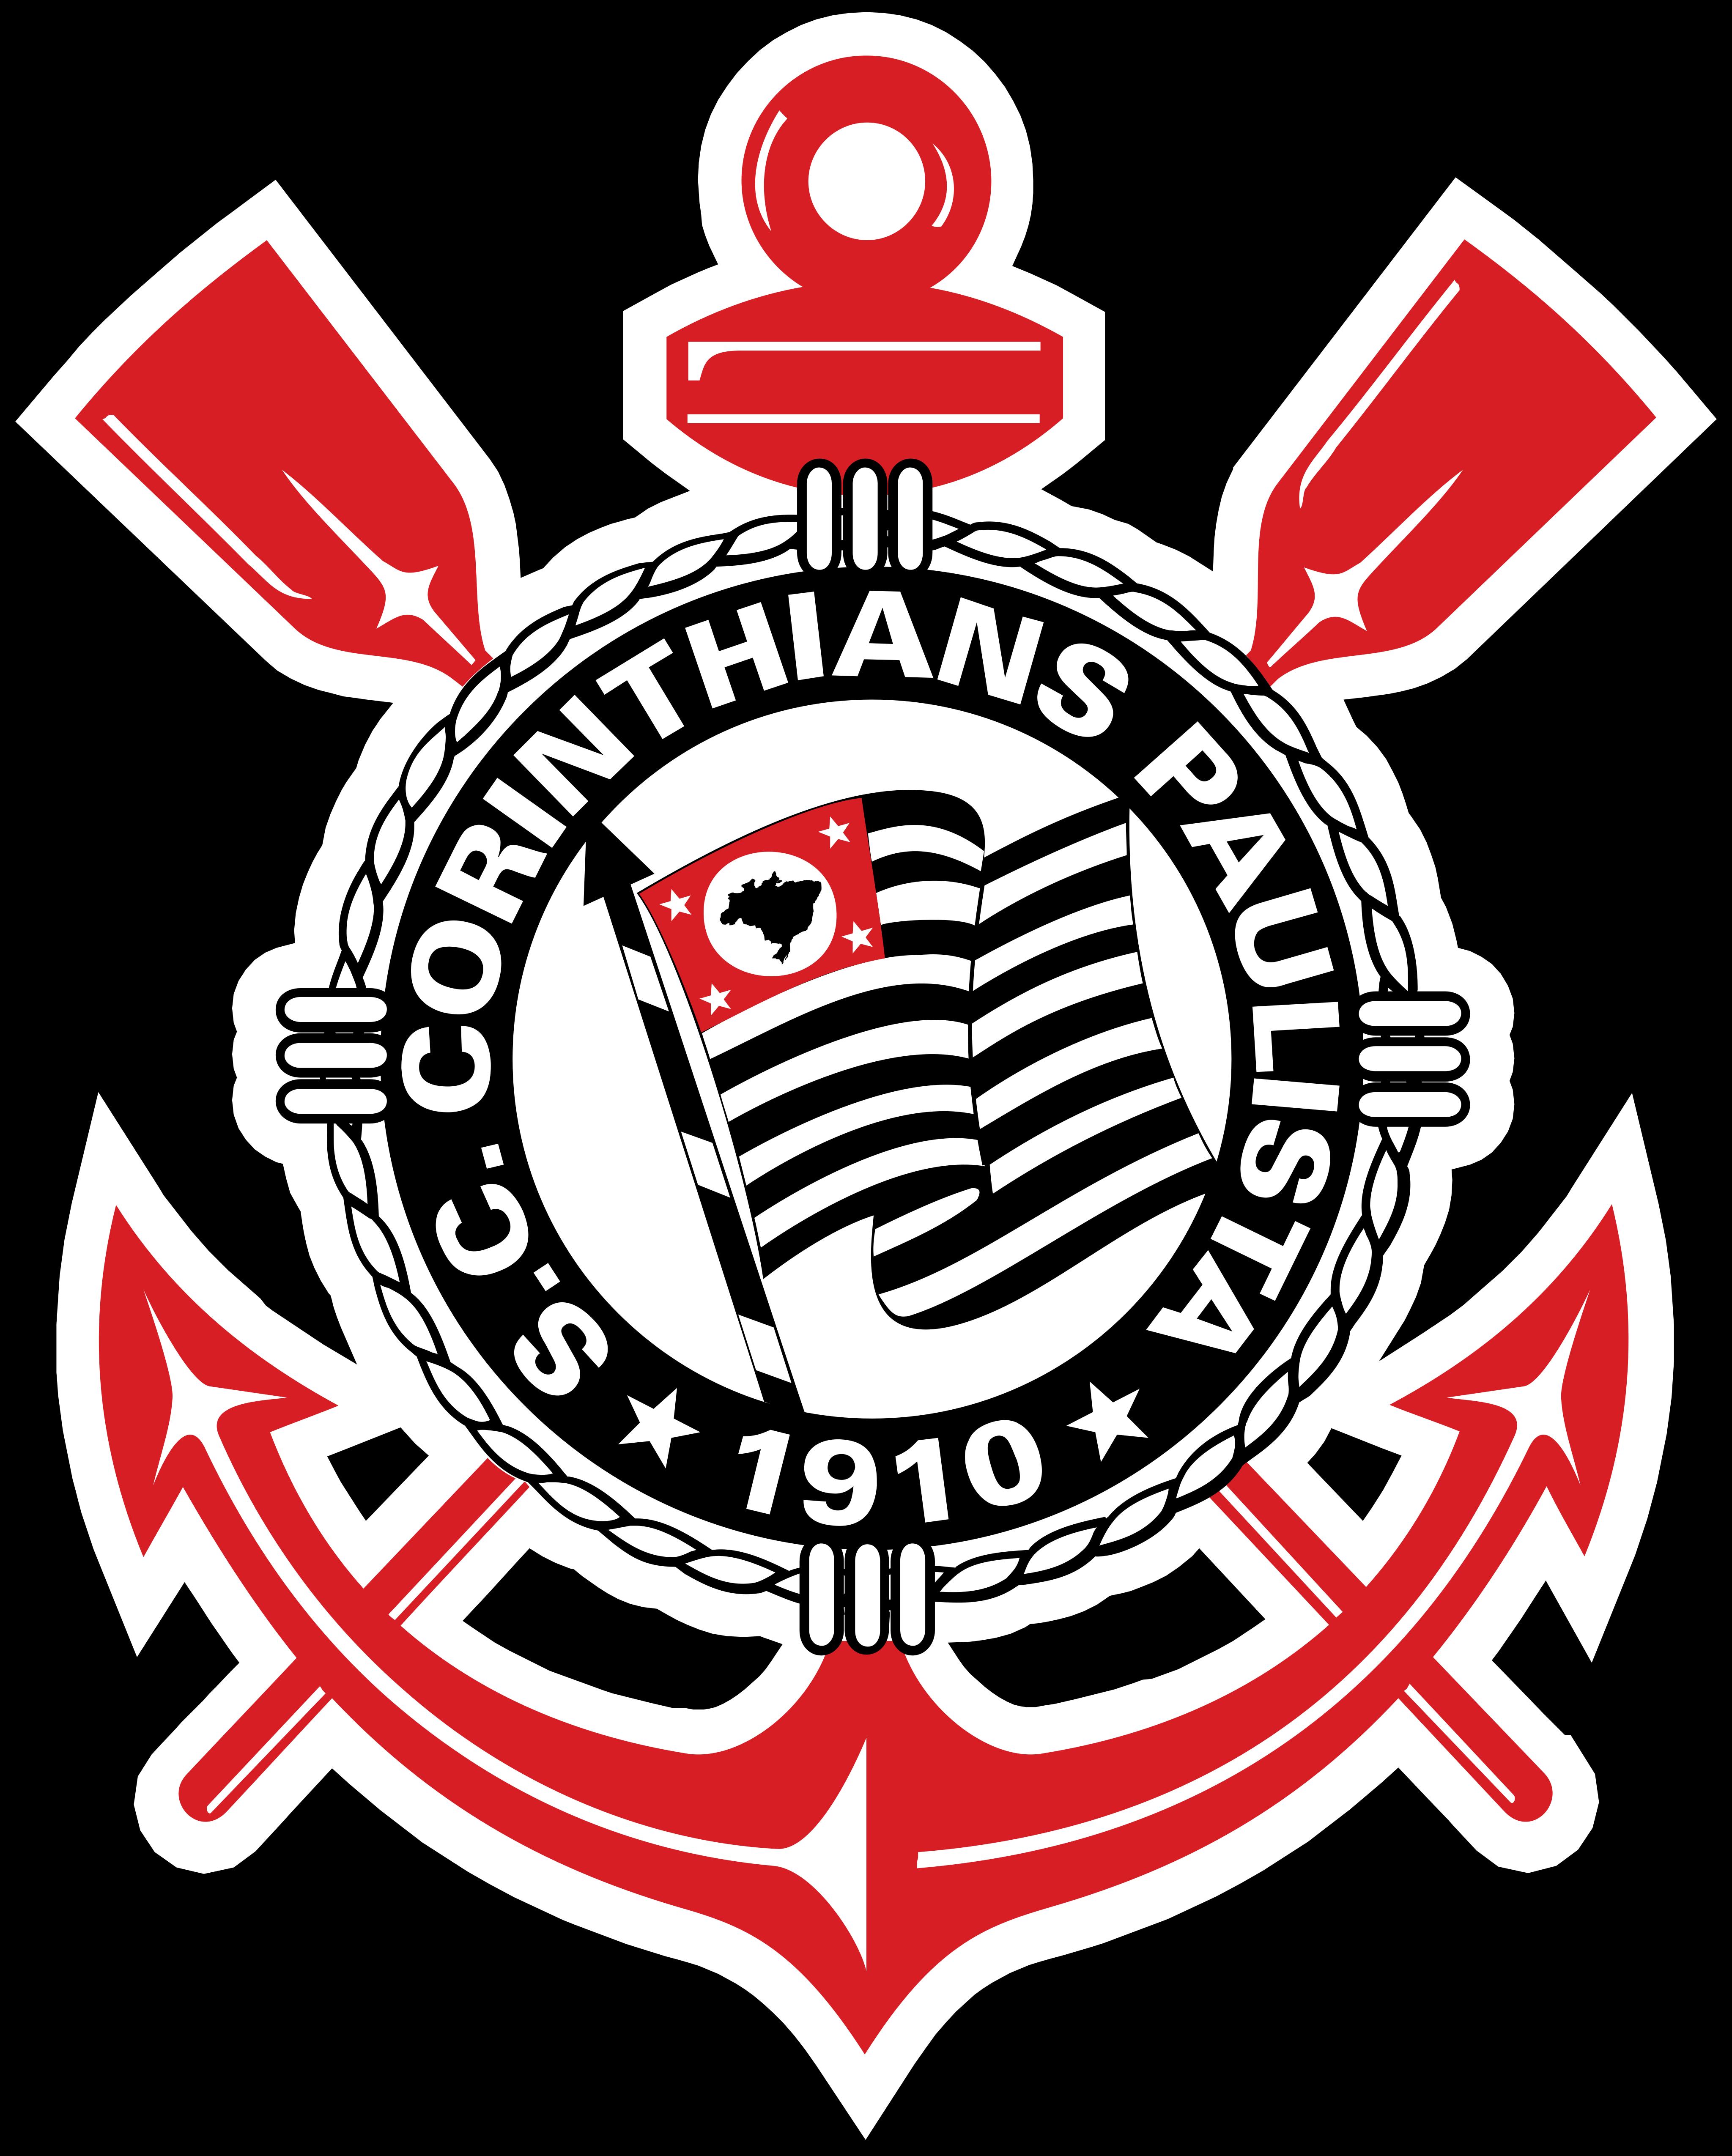 corinthians logo 01 - Corinthians Logo